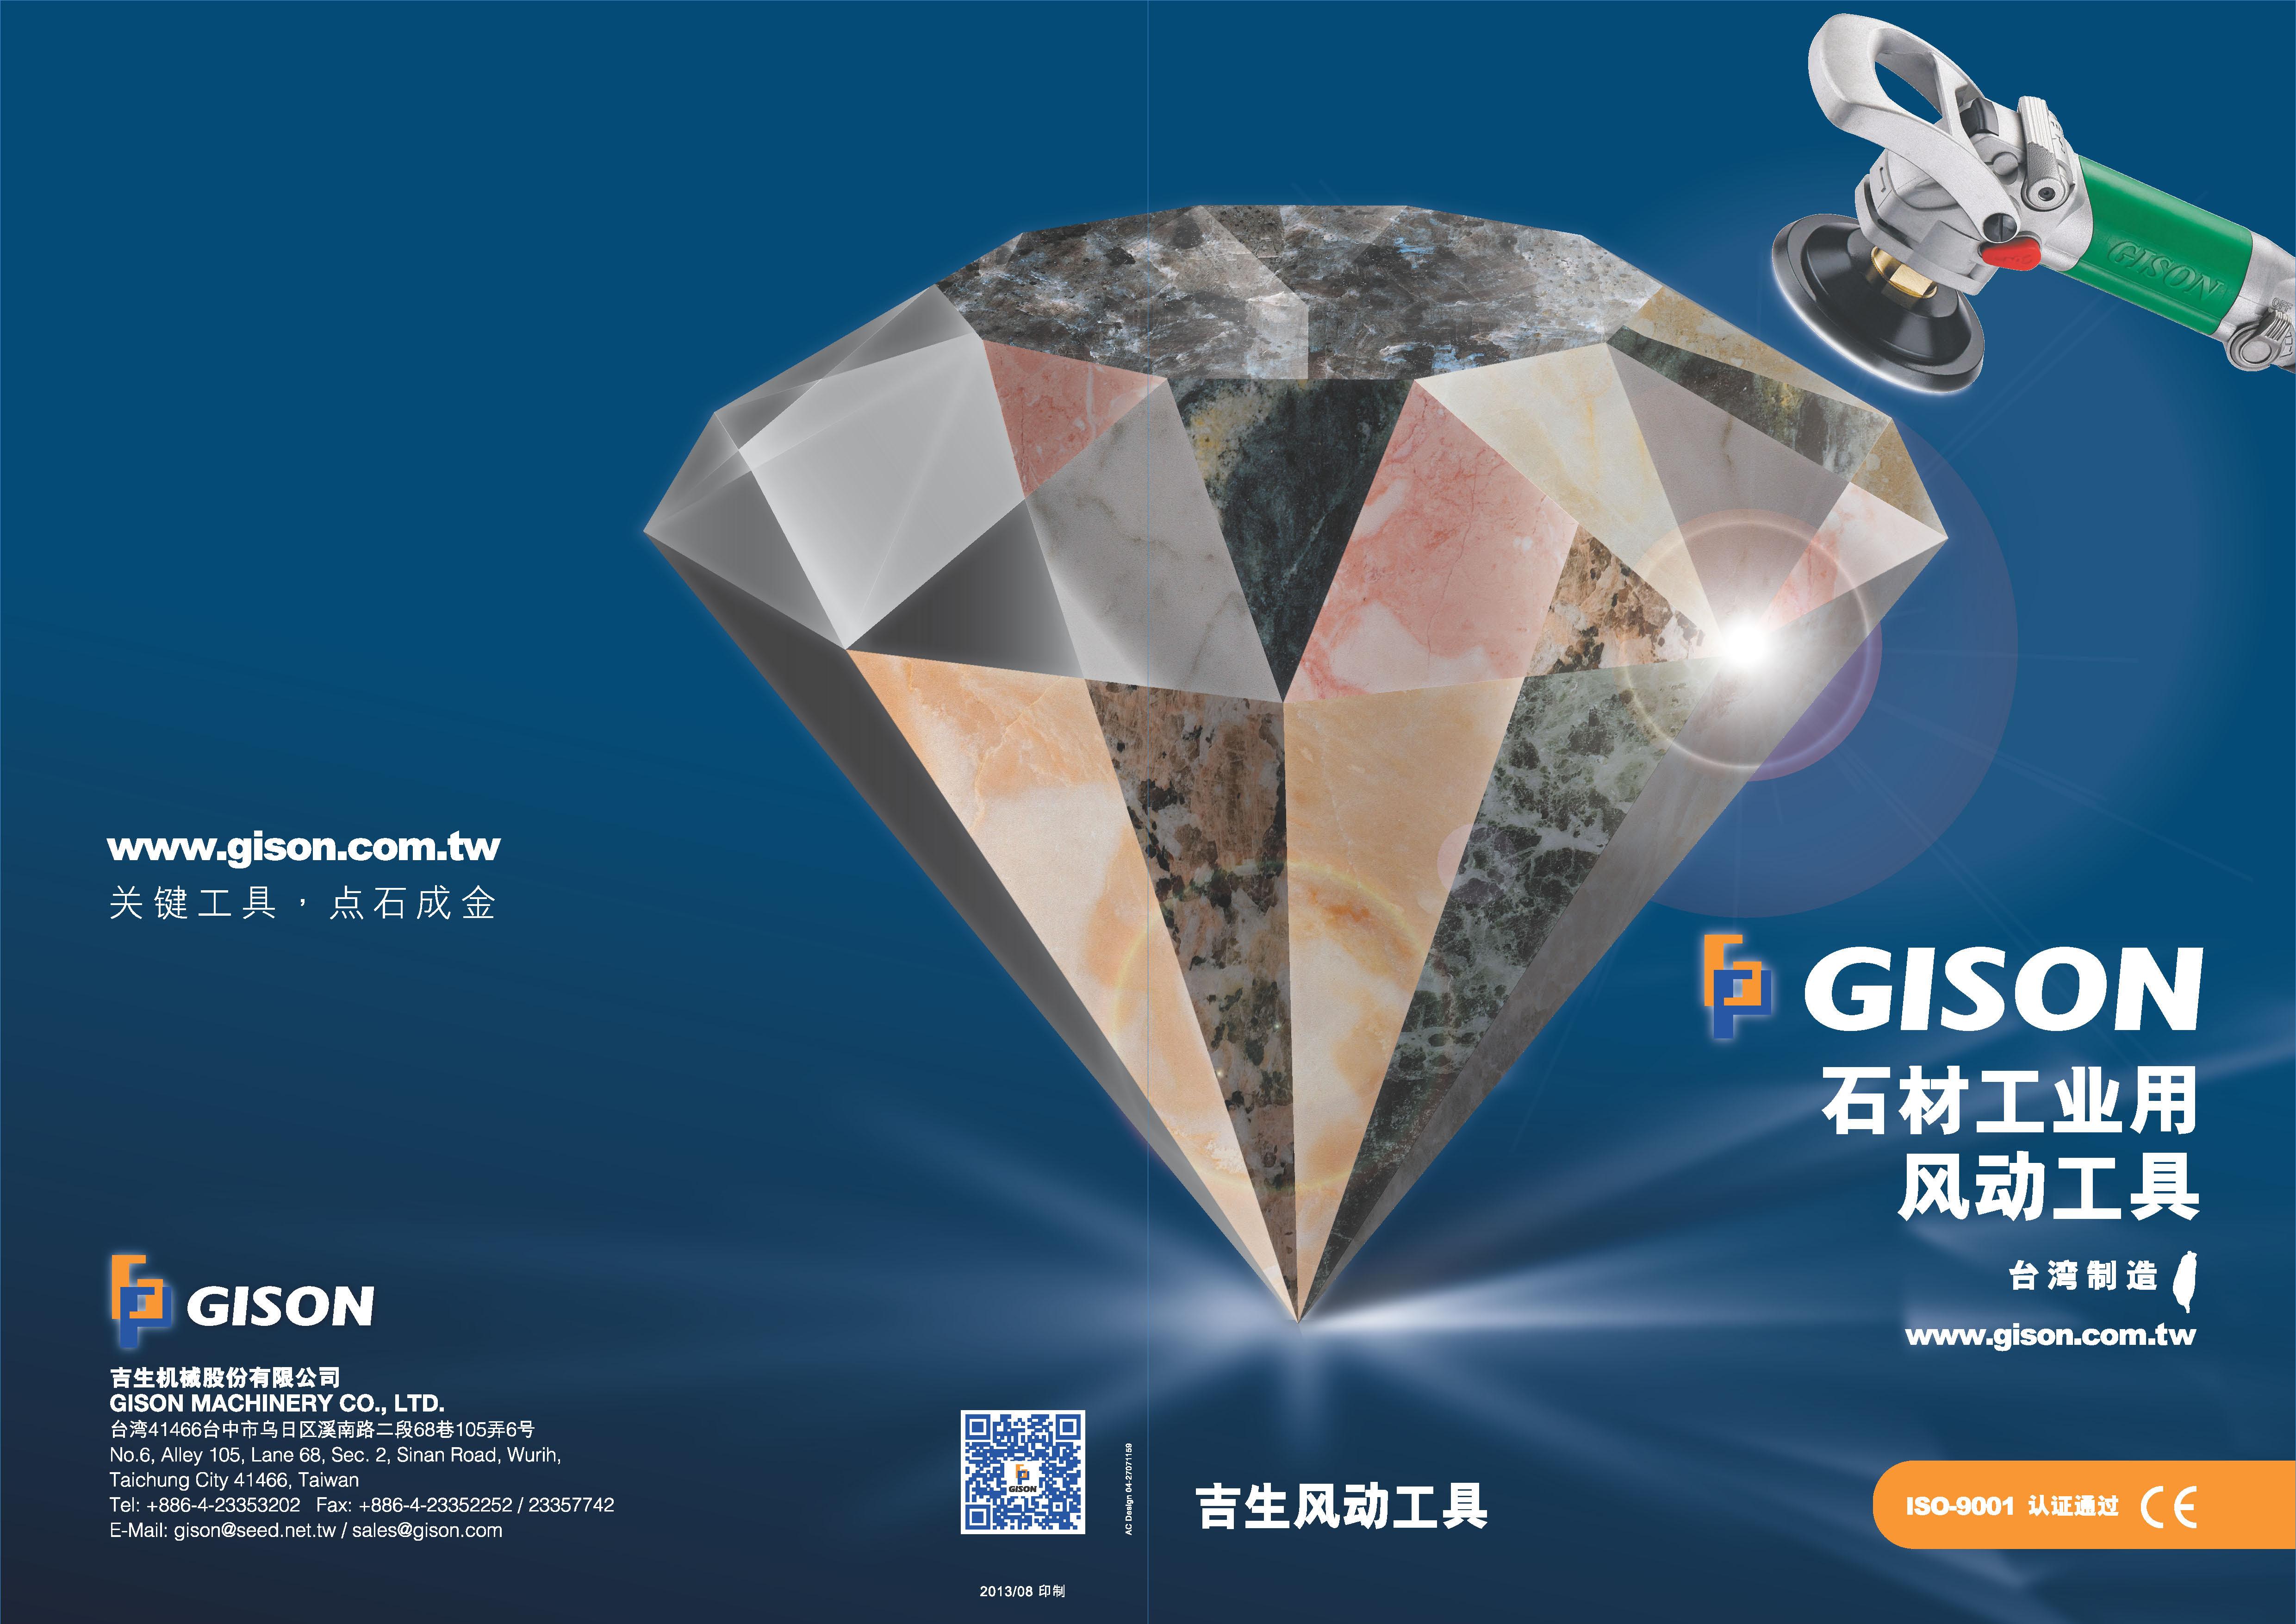 2013-2014 吉生石製品カタログ用GISON空気圧工具 - 2013-2014 吉生石のGISON空気圧工具カタログ